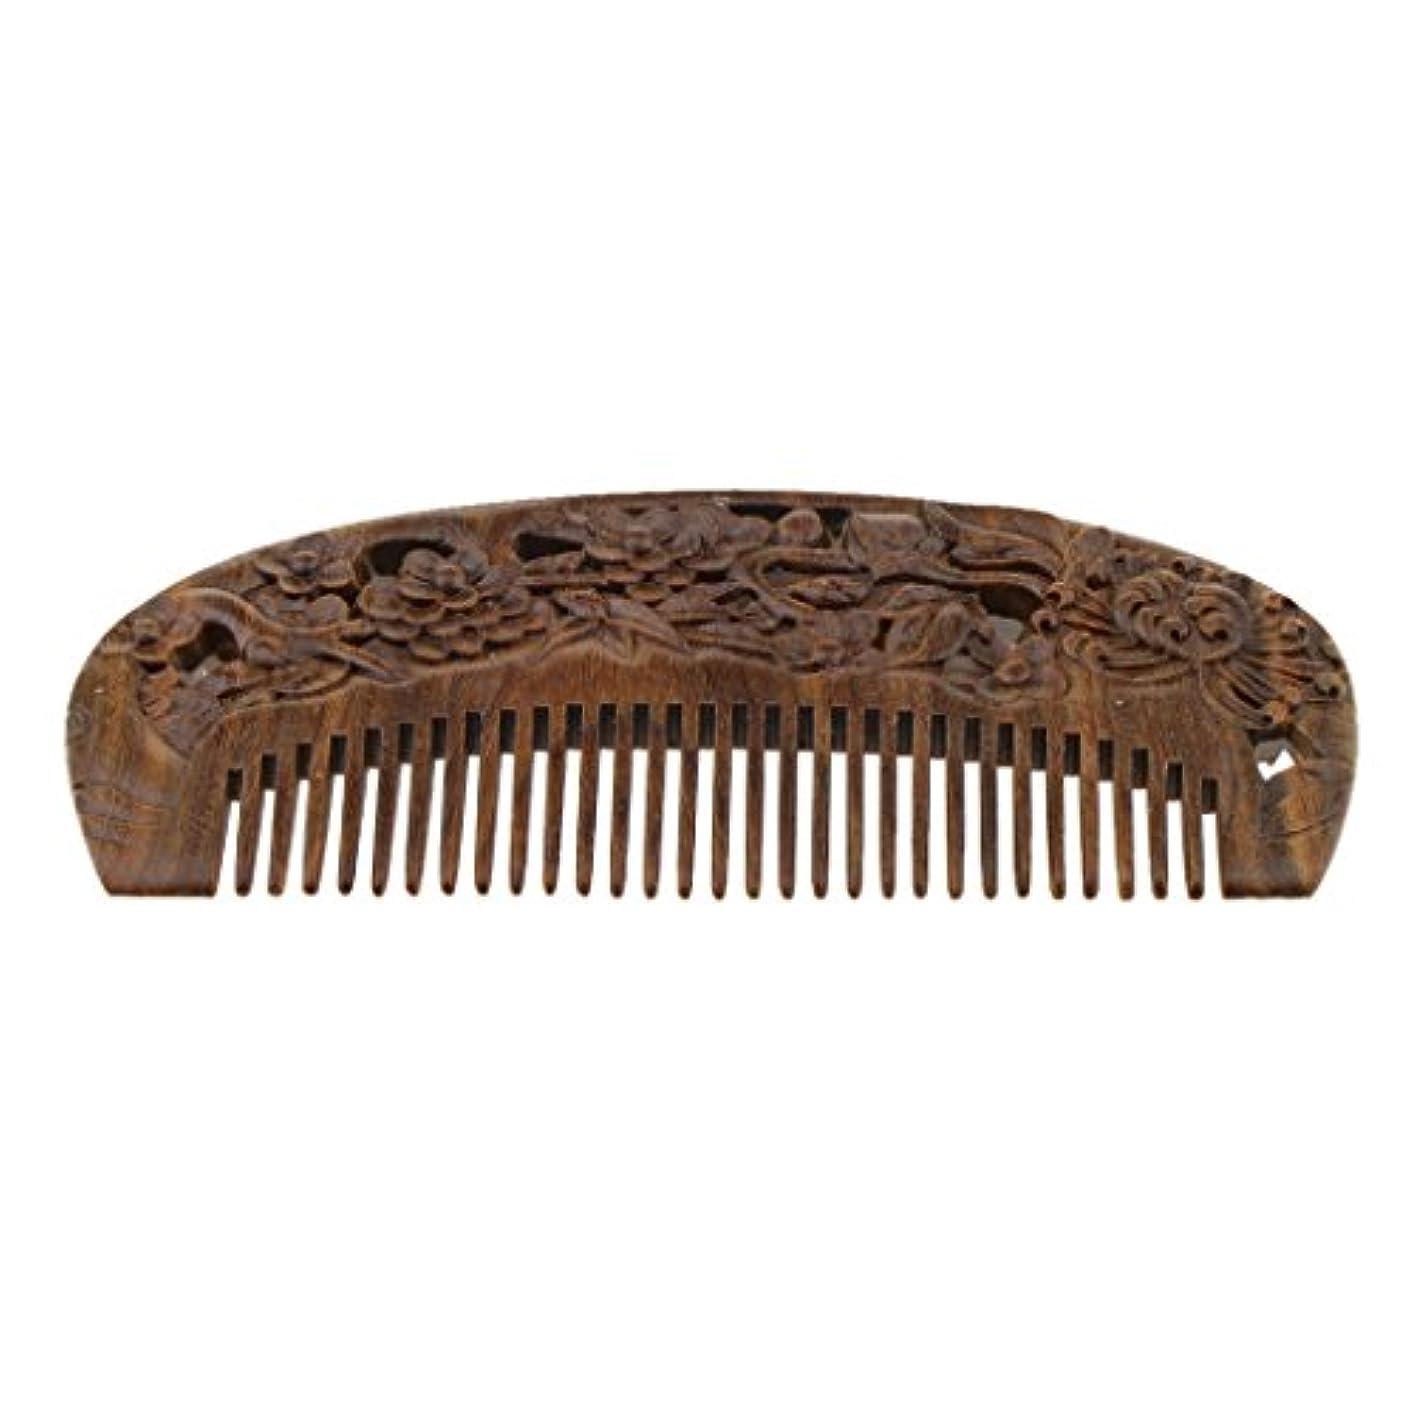 見つけるマッシュ拮抗するSM SunniMix 木製コーム ウッドコーム ワイド歯 ヘアブラシ 頭皮マッサージ ヘアスタイリング 全2種類 - #2